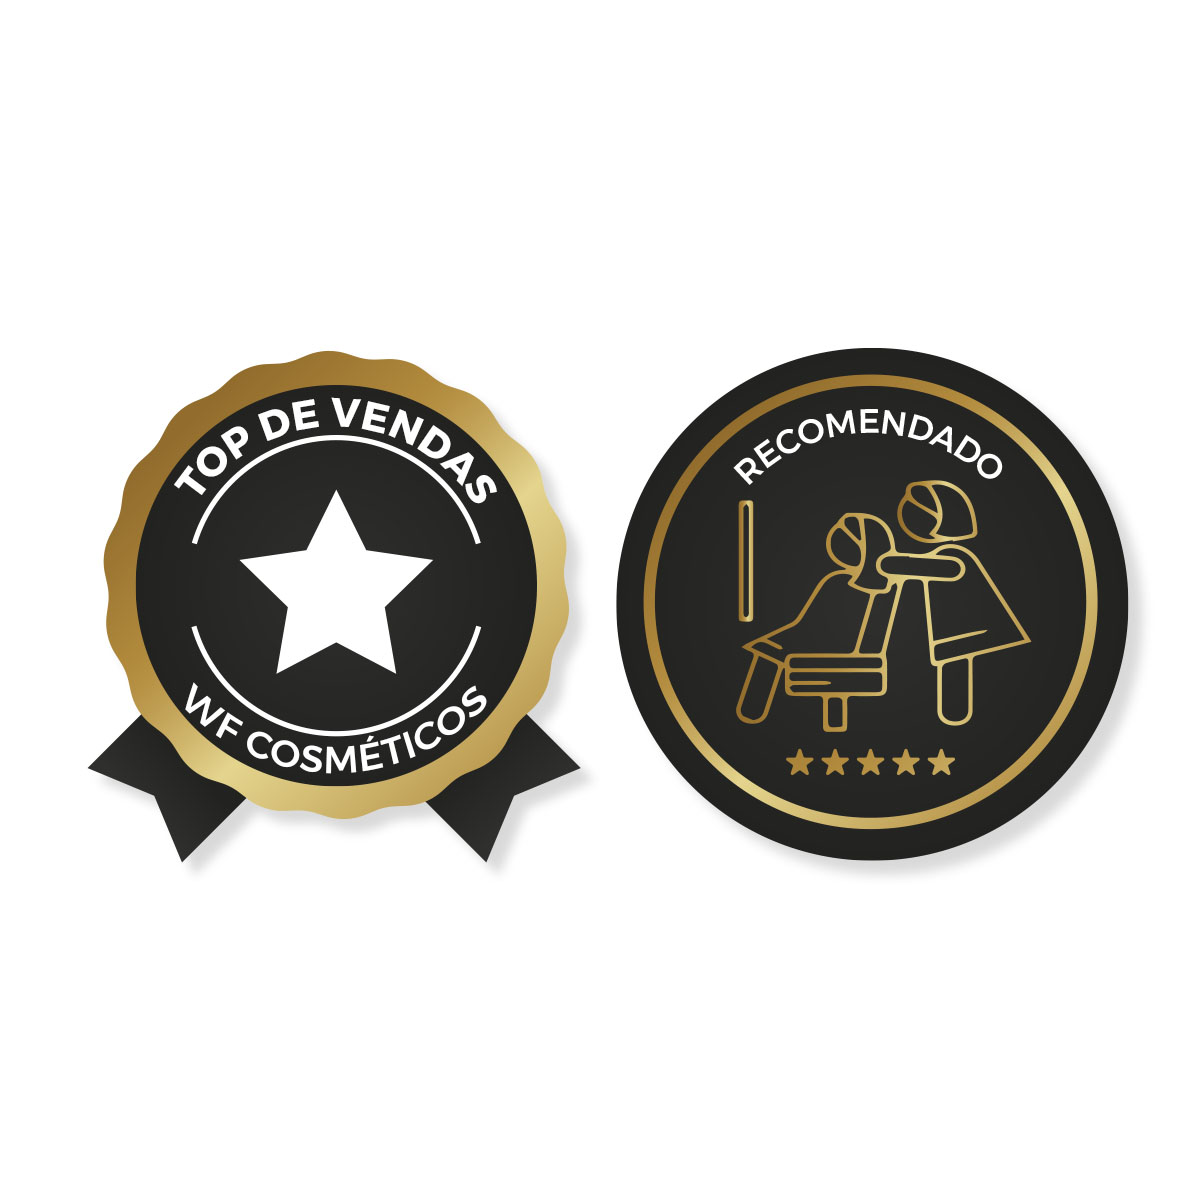 Kit Wf Cosméticos All Repair Professional (4 Produtos)